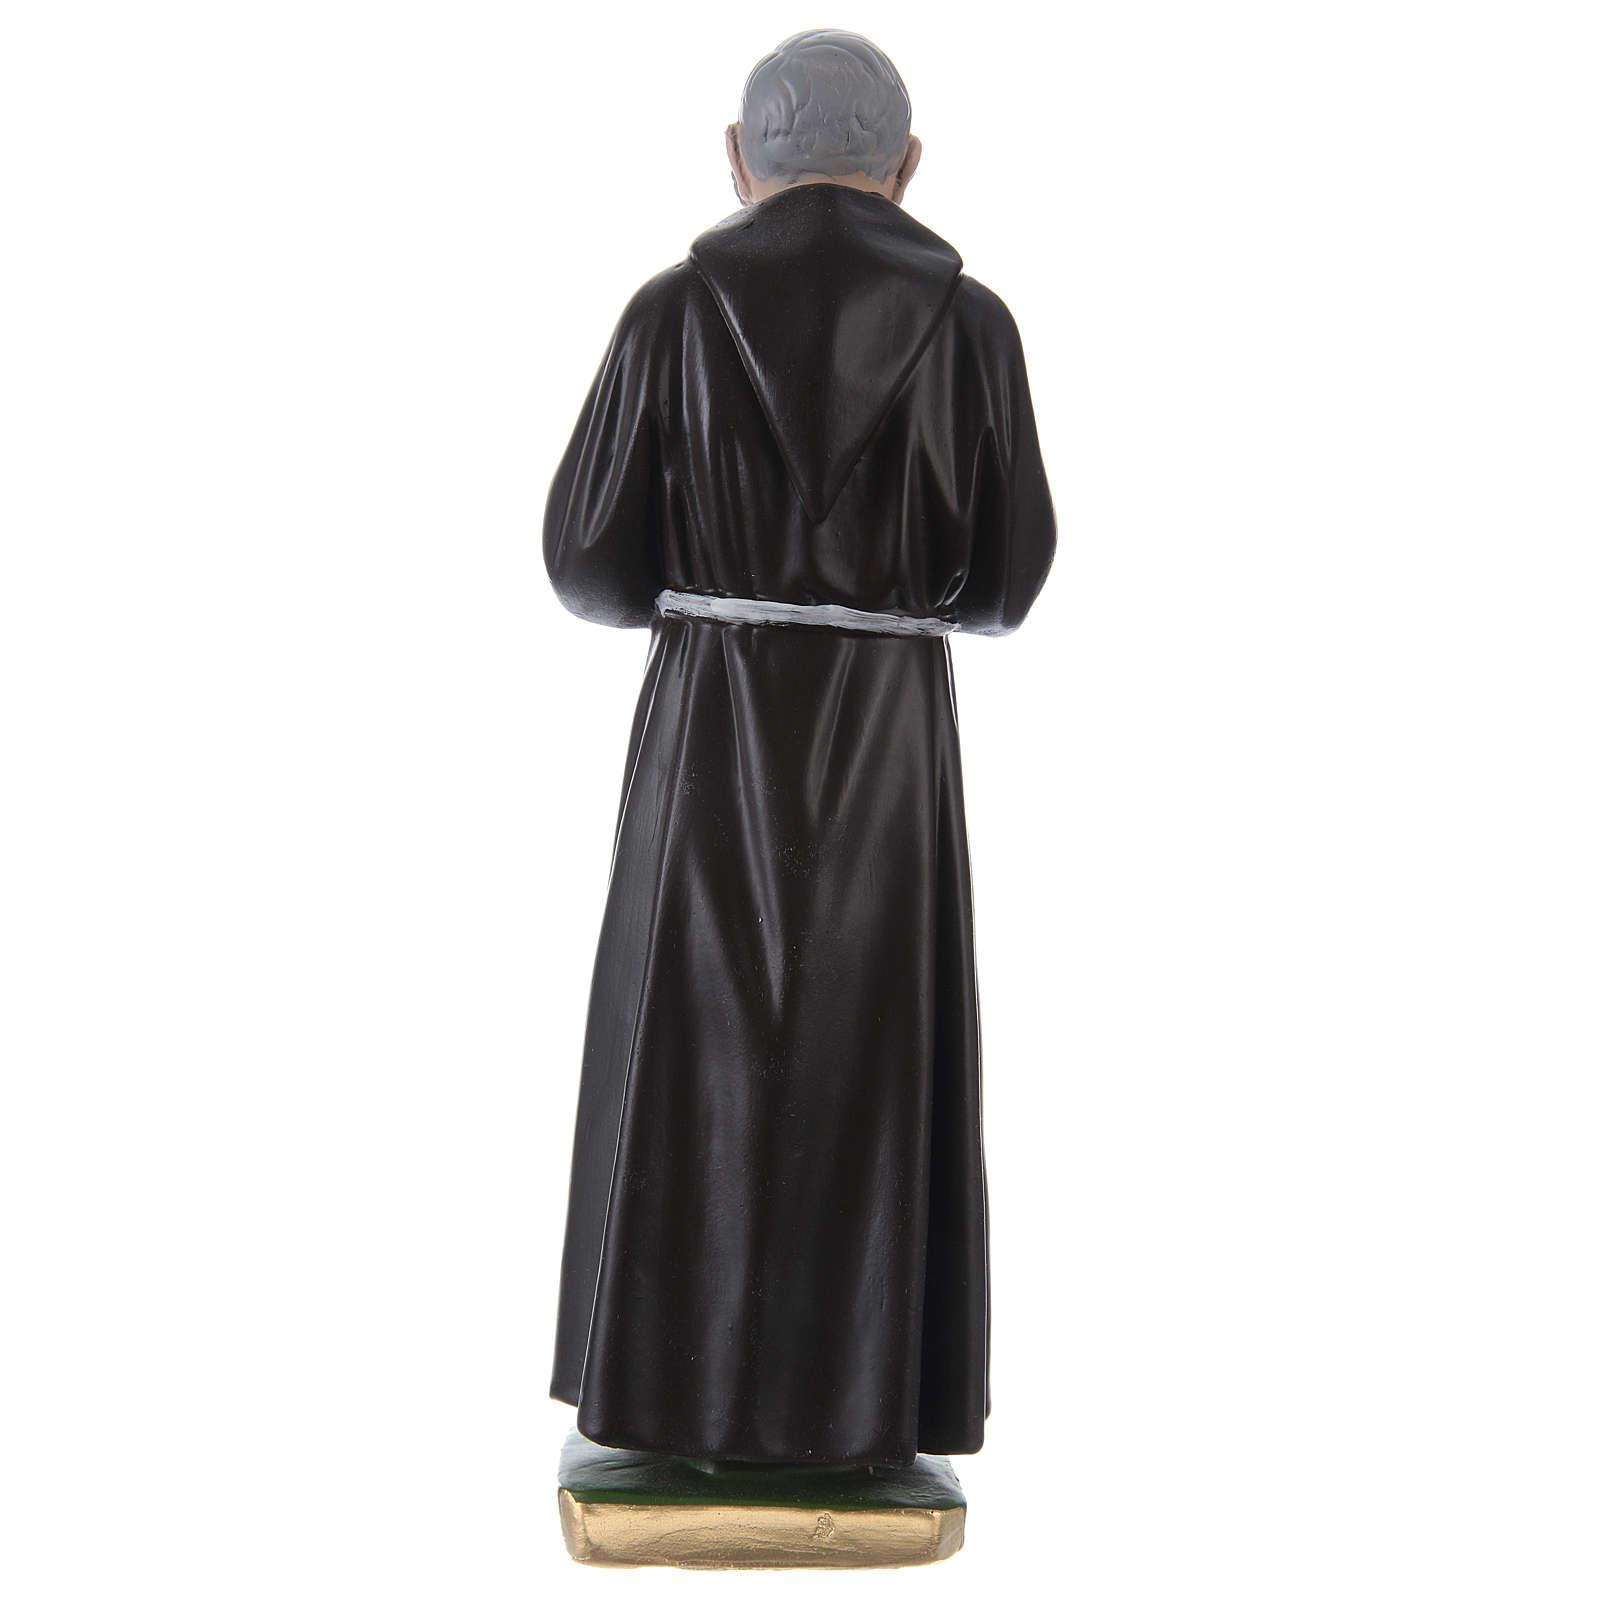 Statue en plâtre Padre Pio 30 cm 4